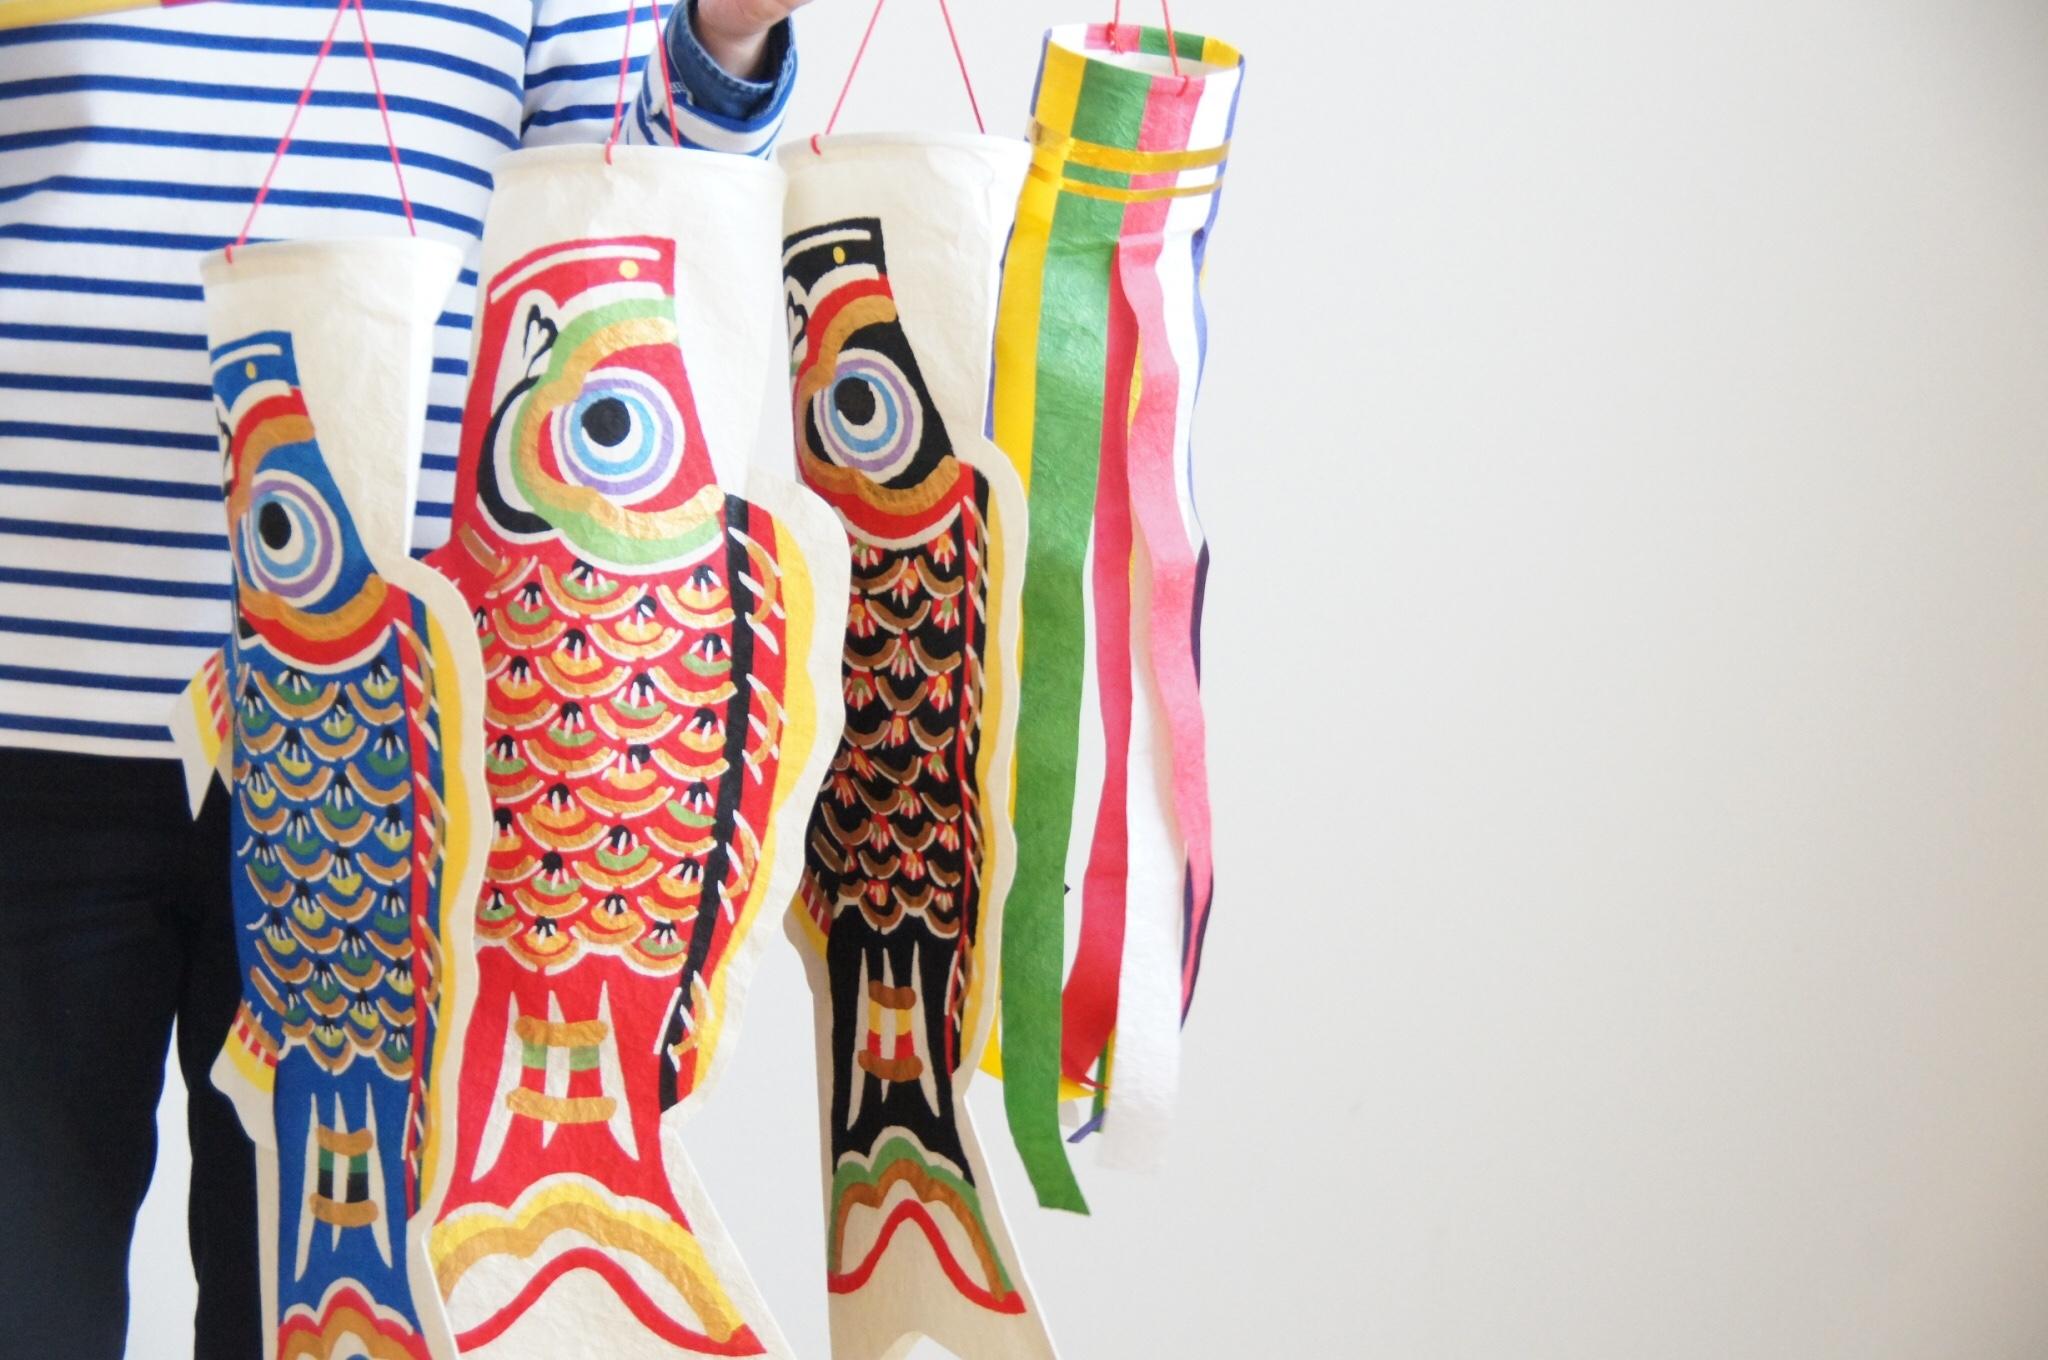 【 桂樹舎 】富山市の伝統工芸「八尾和紙」を使った『鯉のぼり』